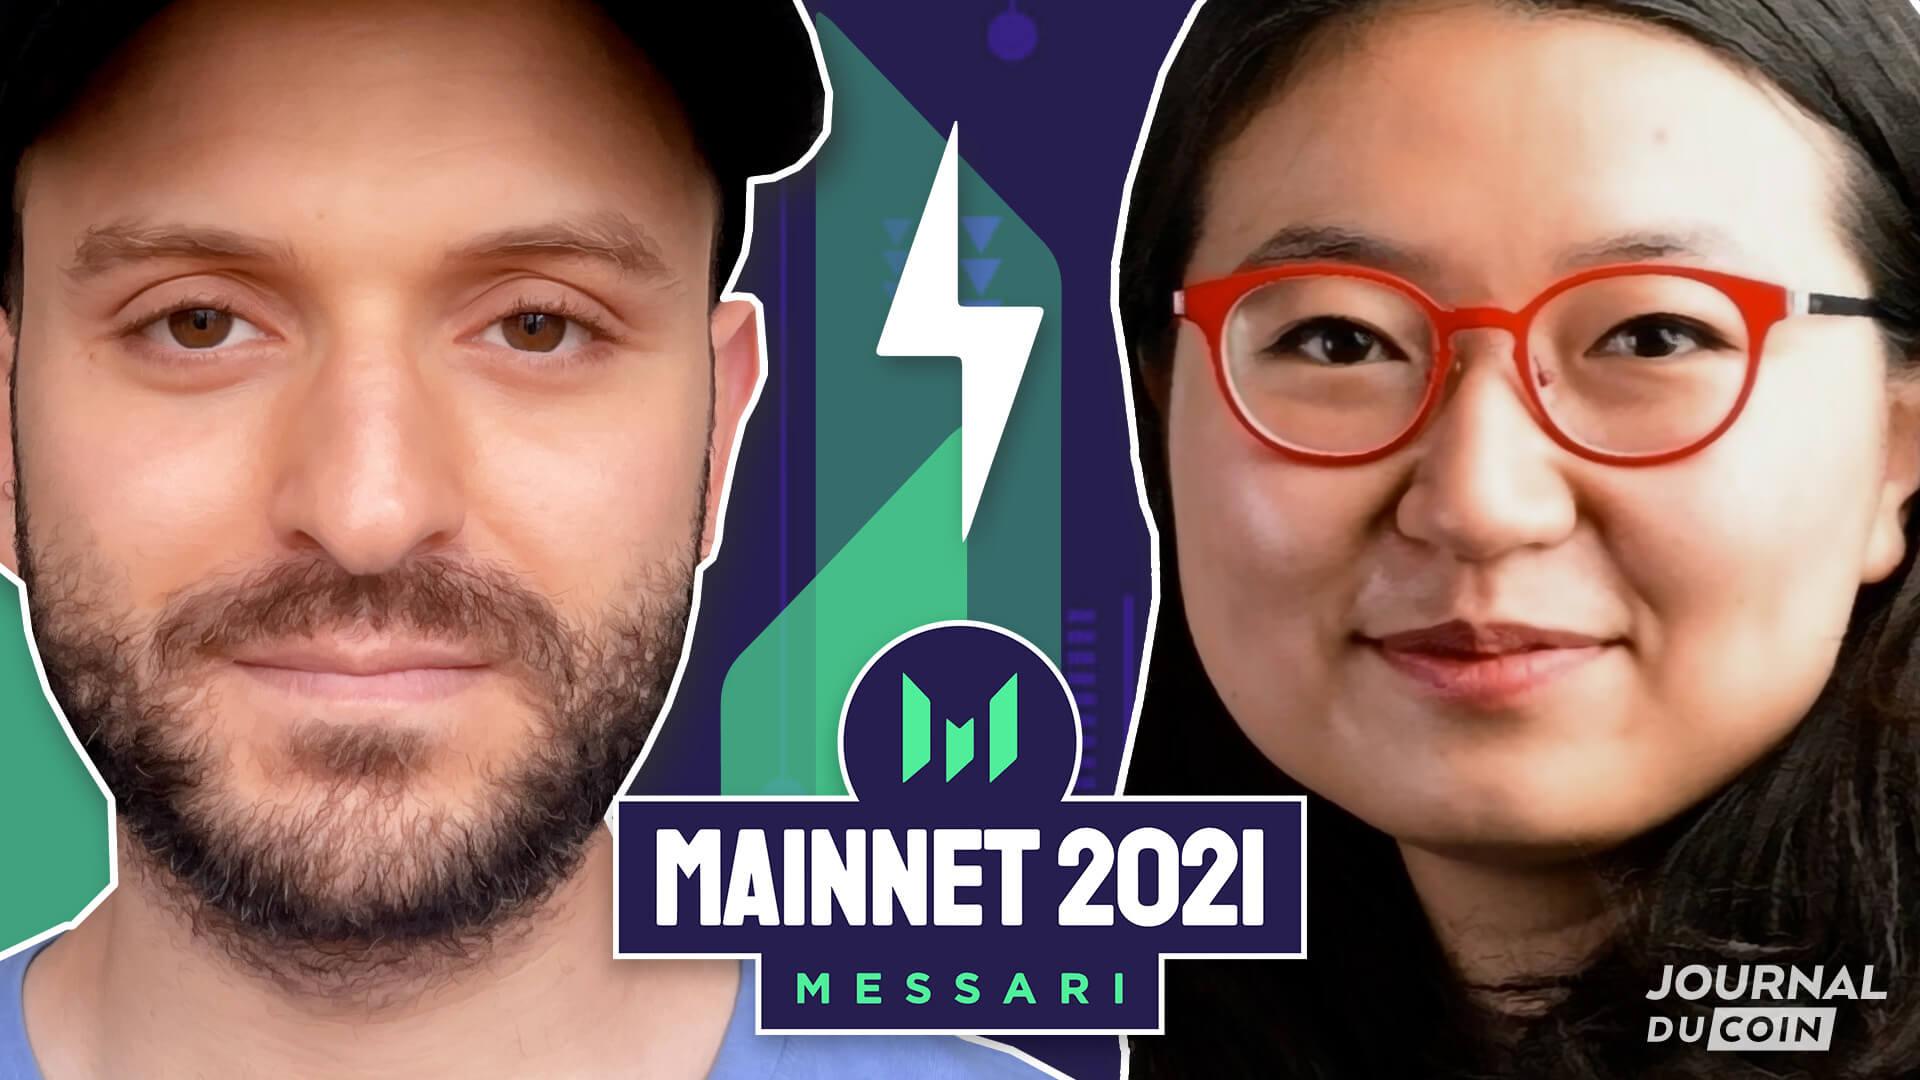 Electric Capital, le capital-risque qui célèbre la crypto – Entretien avec Maria Shen (Mainnet 2021)